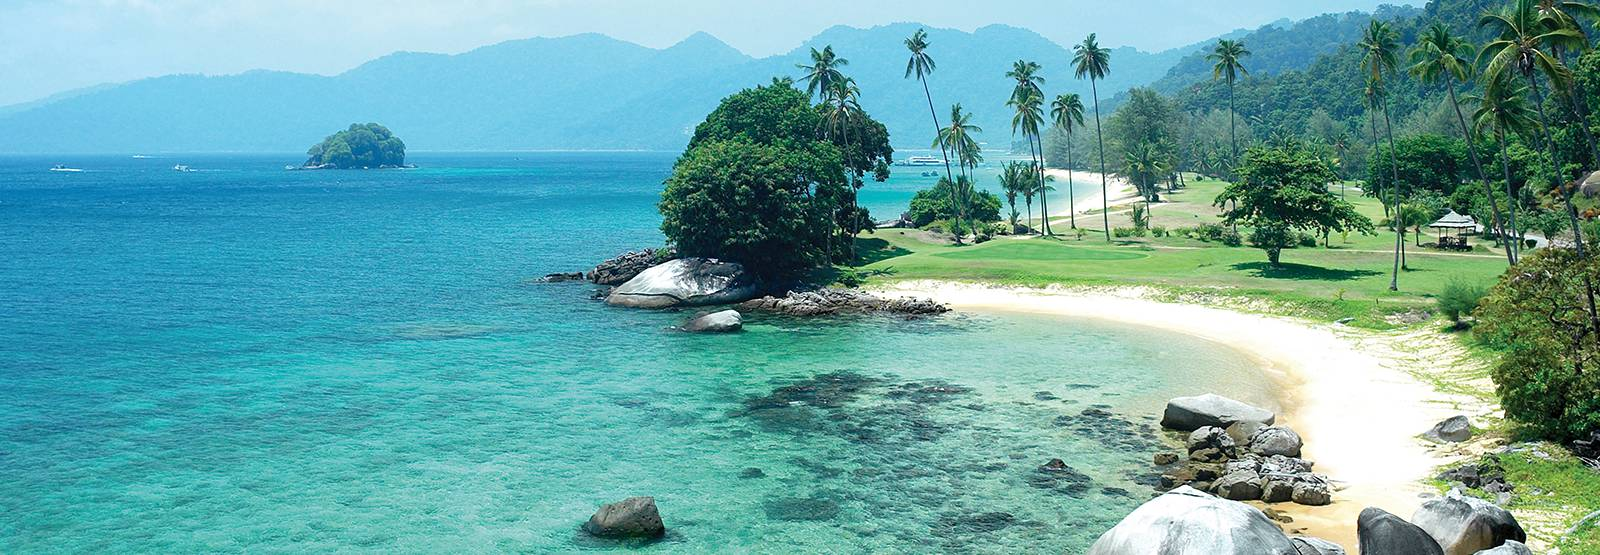 Contact Us At Berjaya Tioman Resort Telephone Fax E Mail